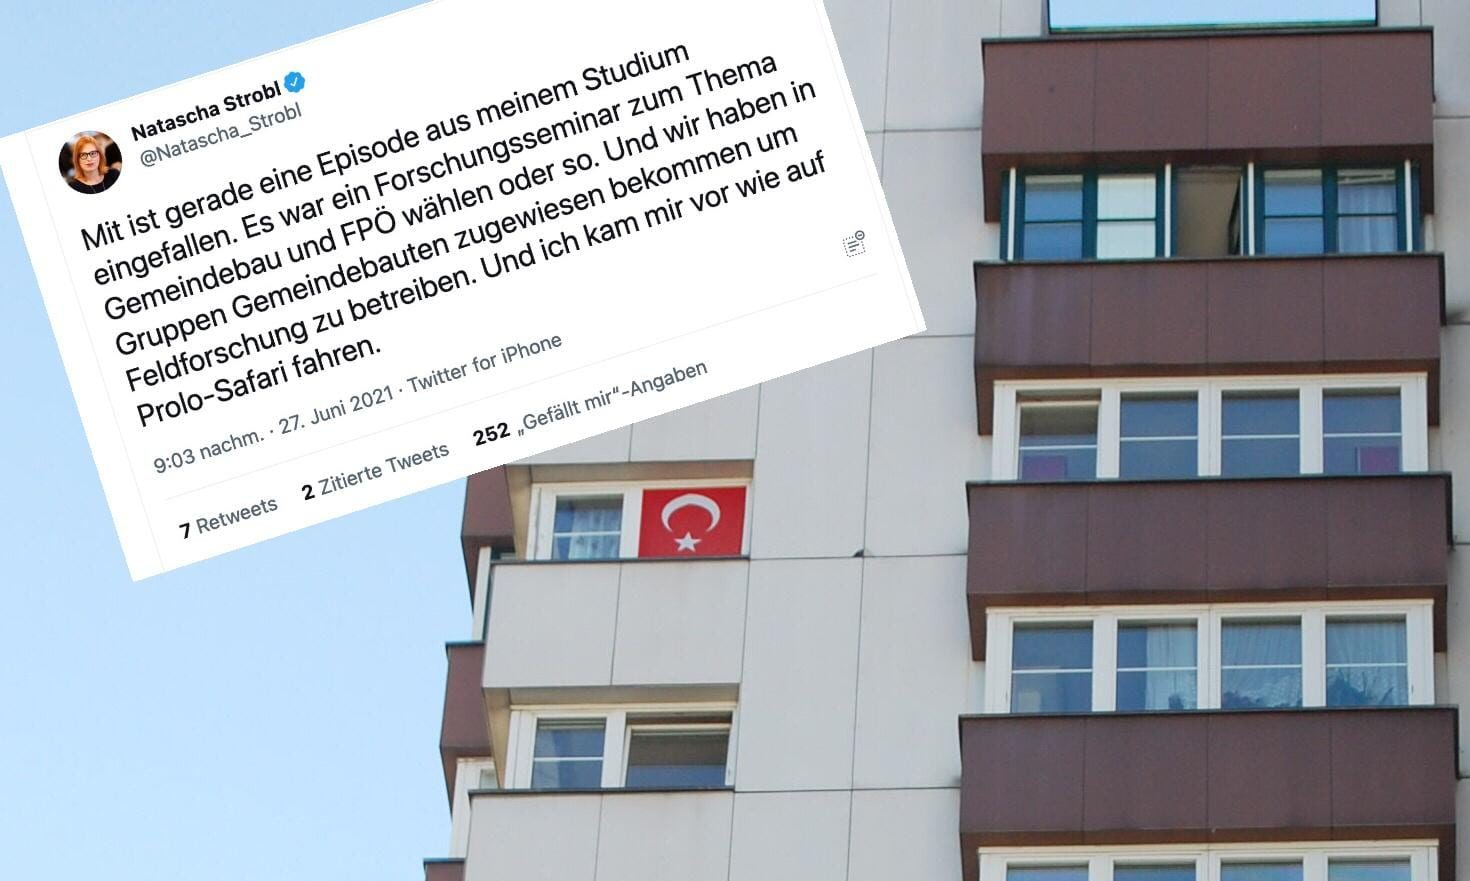 Gemeindebau / Twitter / Strobl